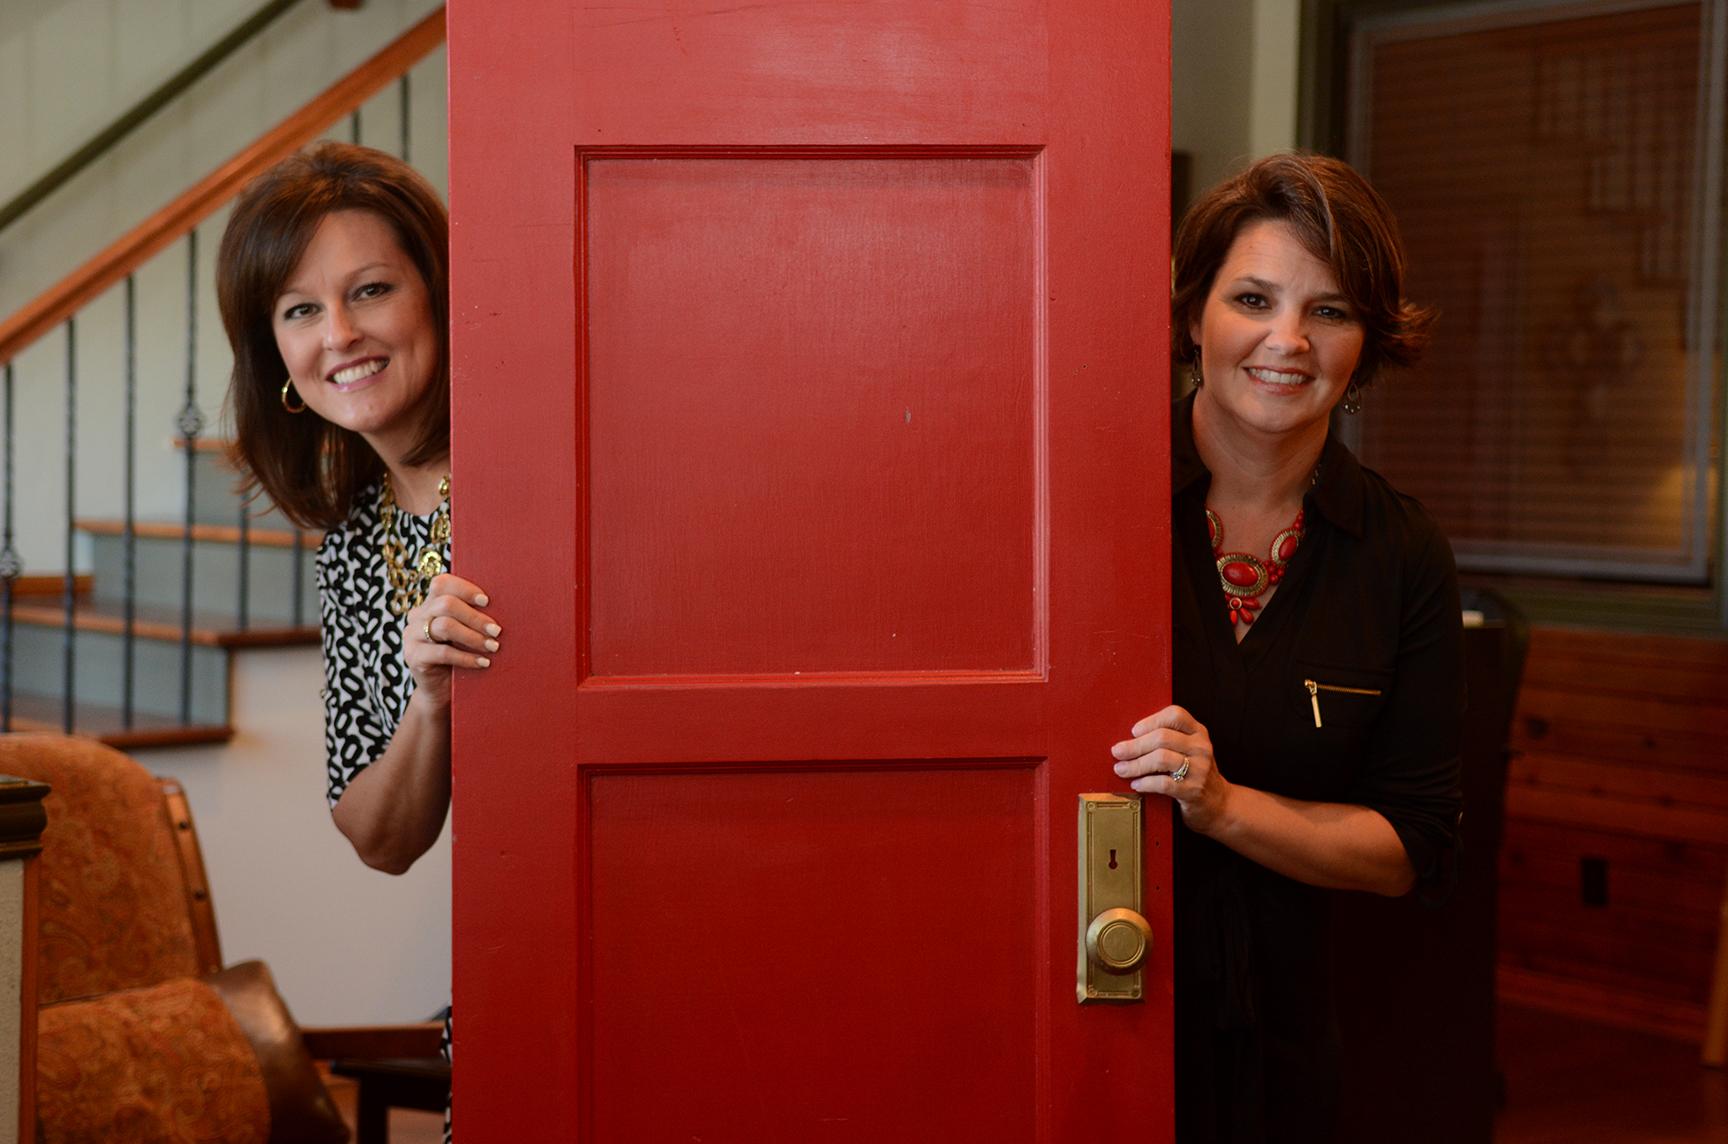 No 4 Small Company Red Door Realty Associates Houston Chronicle